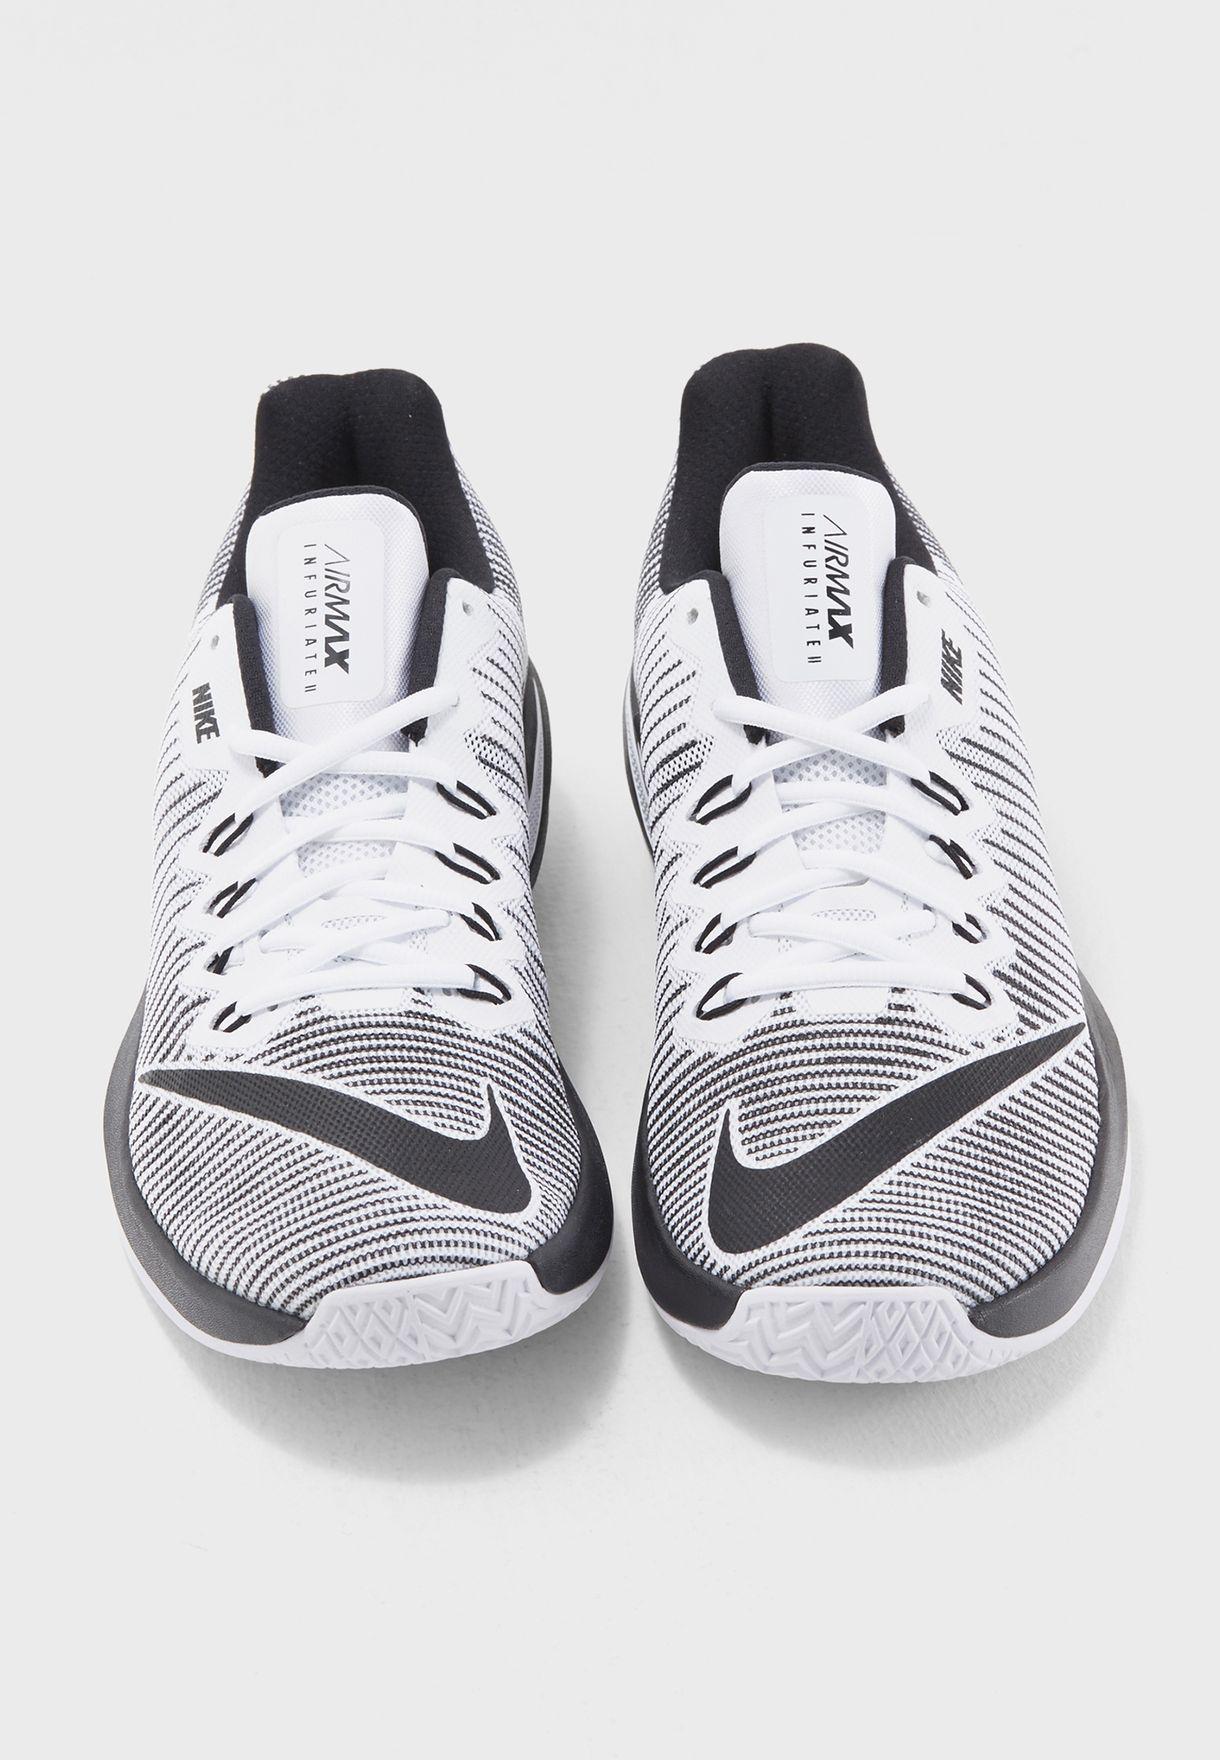 47213daa6eadd4 Shop Nike monochrome Air Max Infuriate 2 Low 908975-100 for Men ...